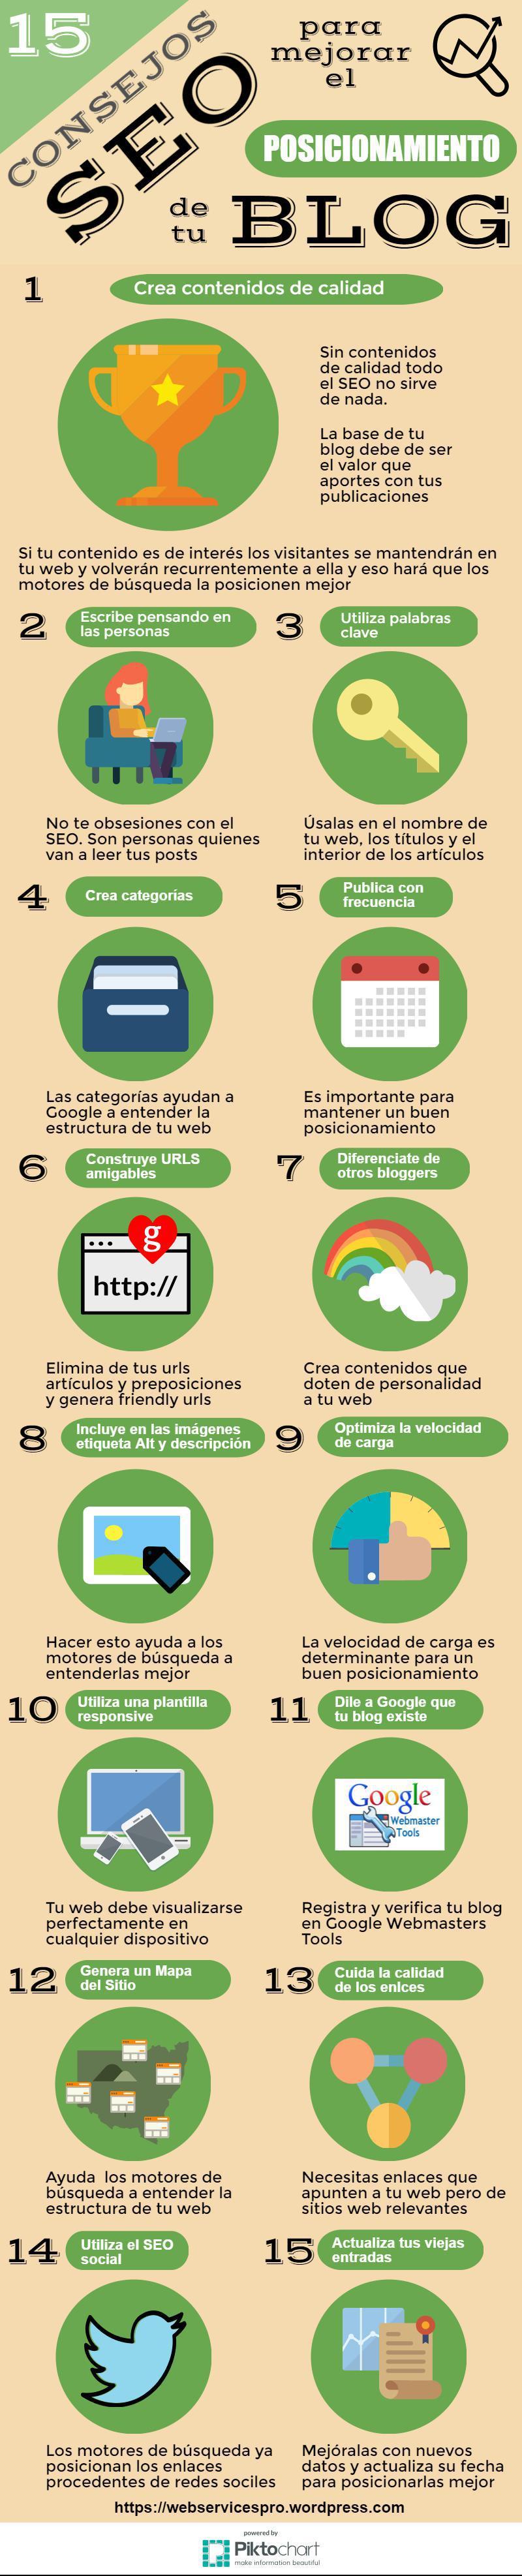 15 consejos SEO para posicionar tu Blog